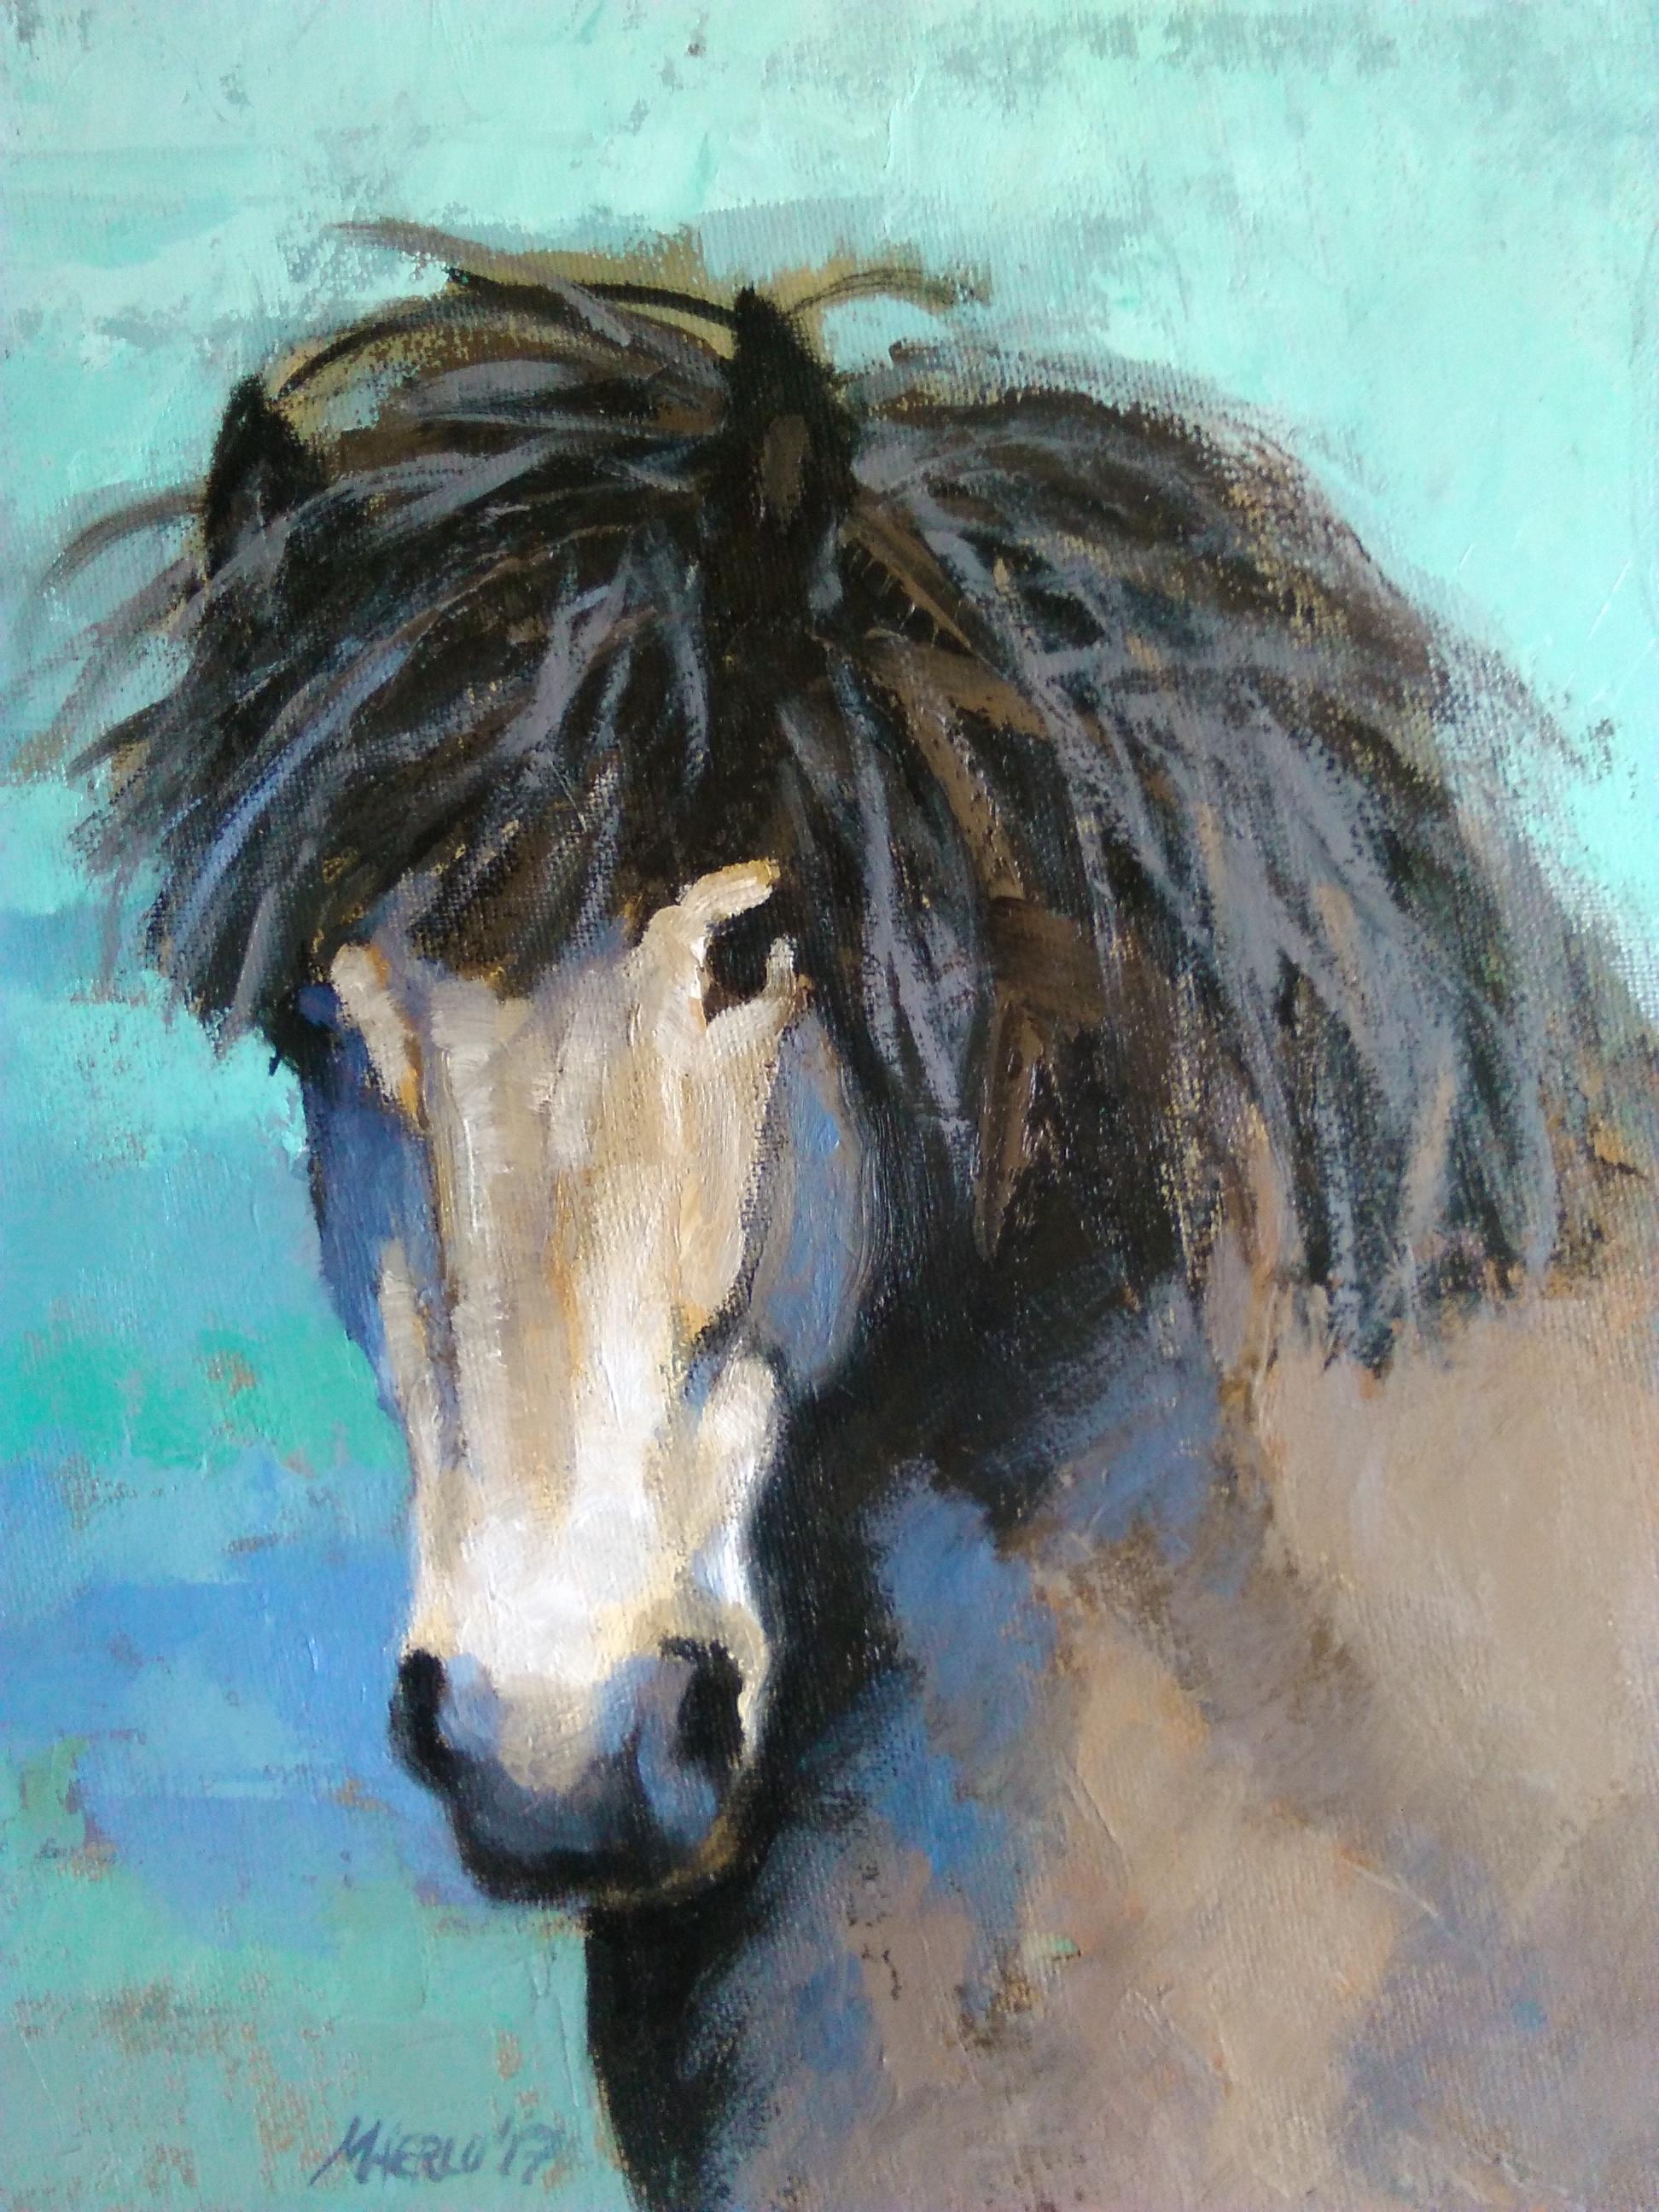 Cabeza de caballo, 1.5